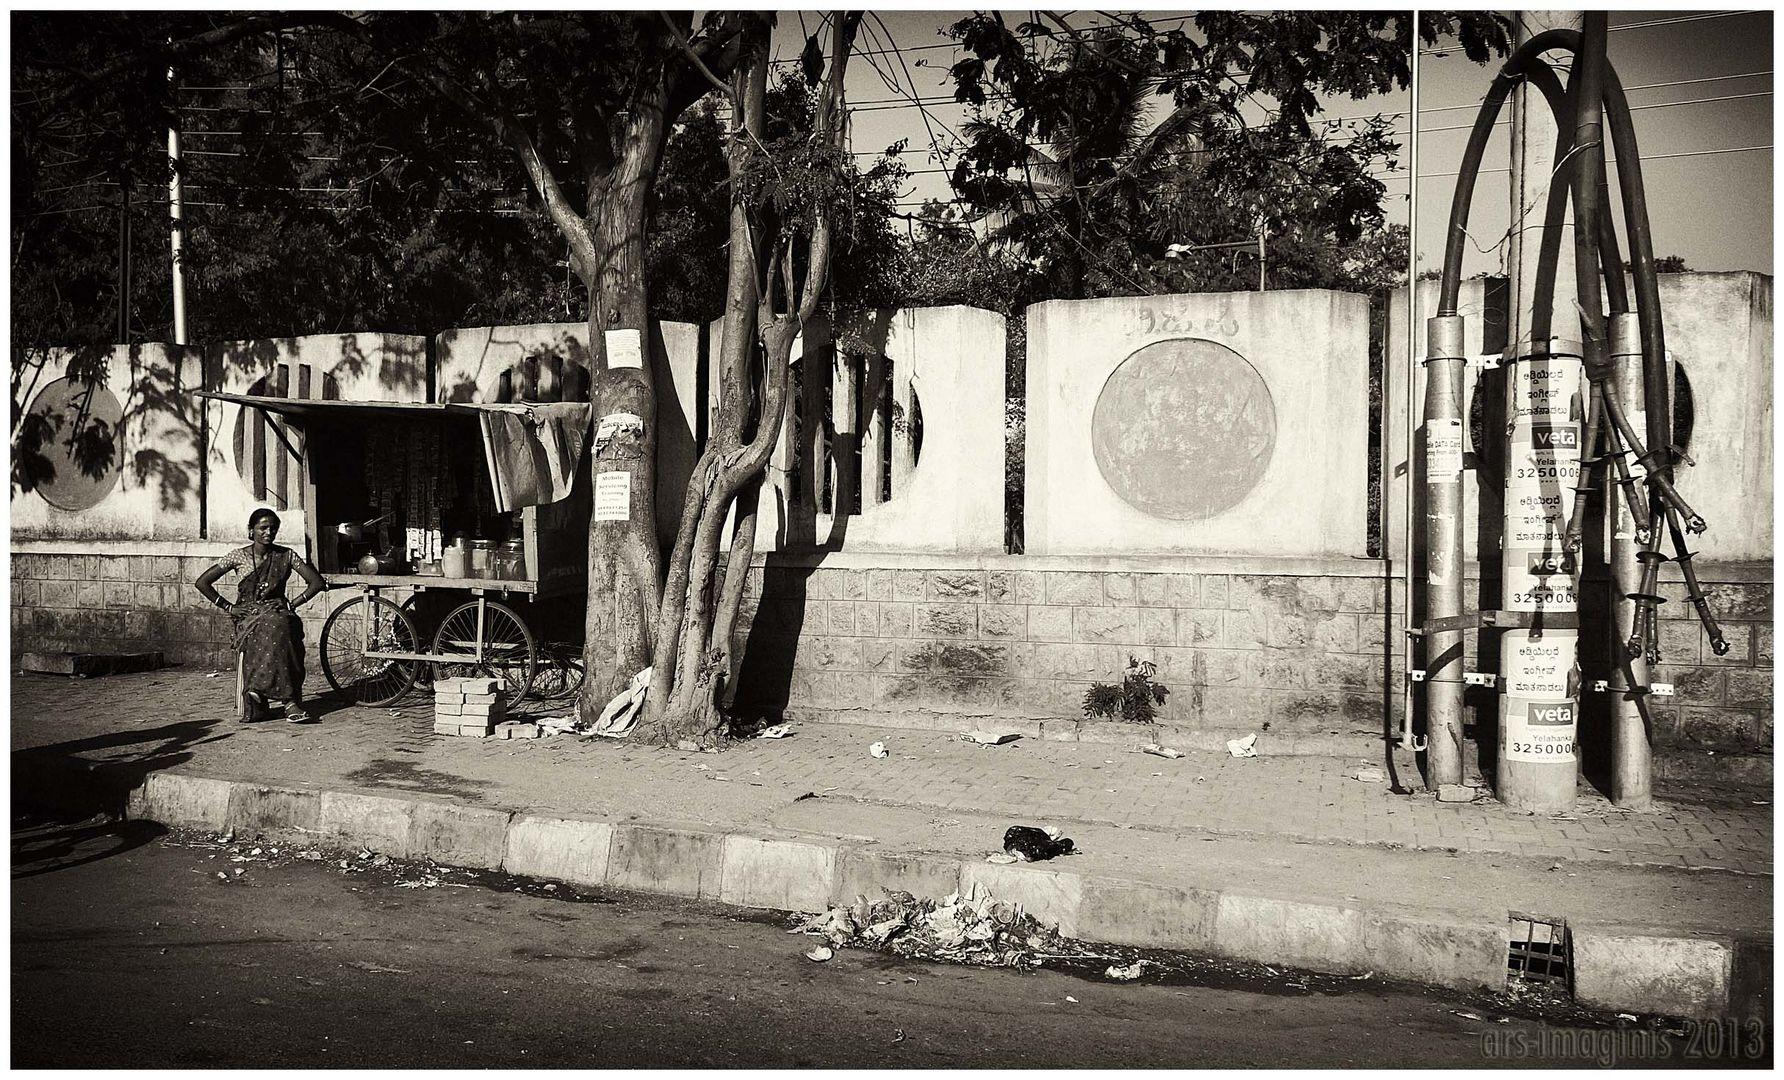 Strassenszene in Bangalore/Indien